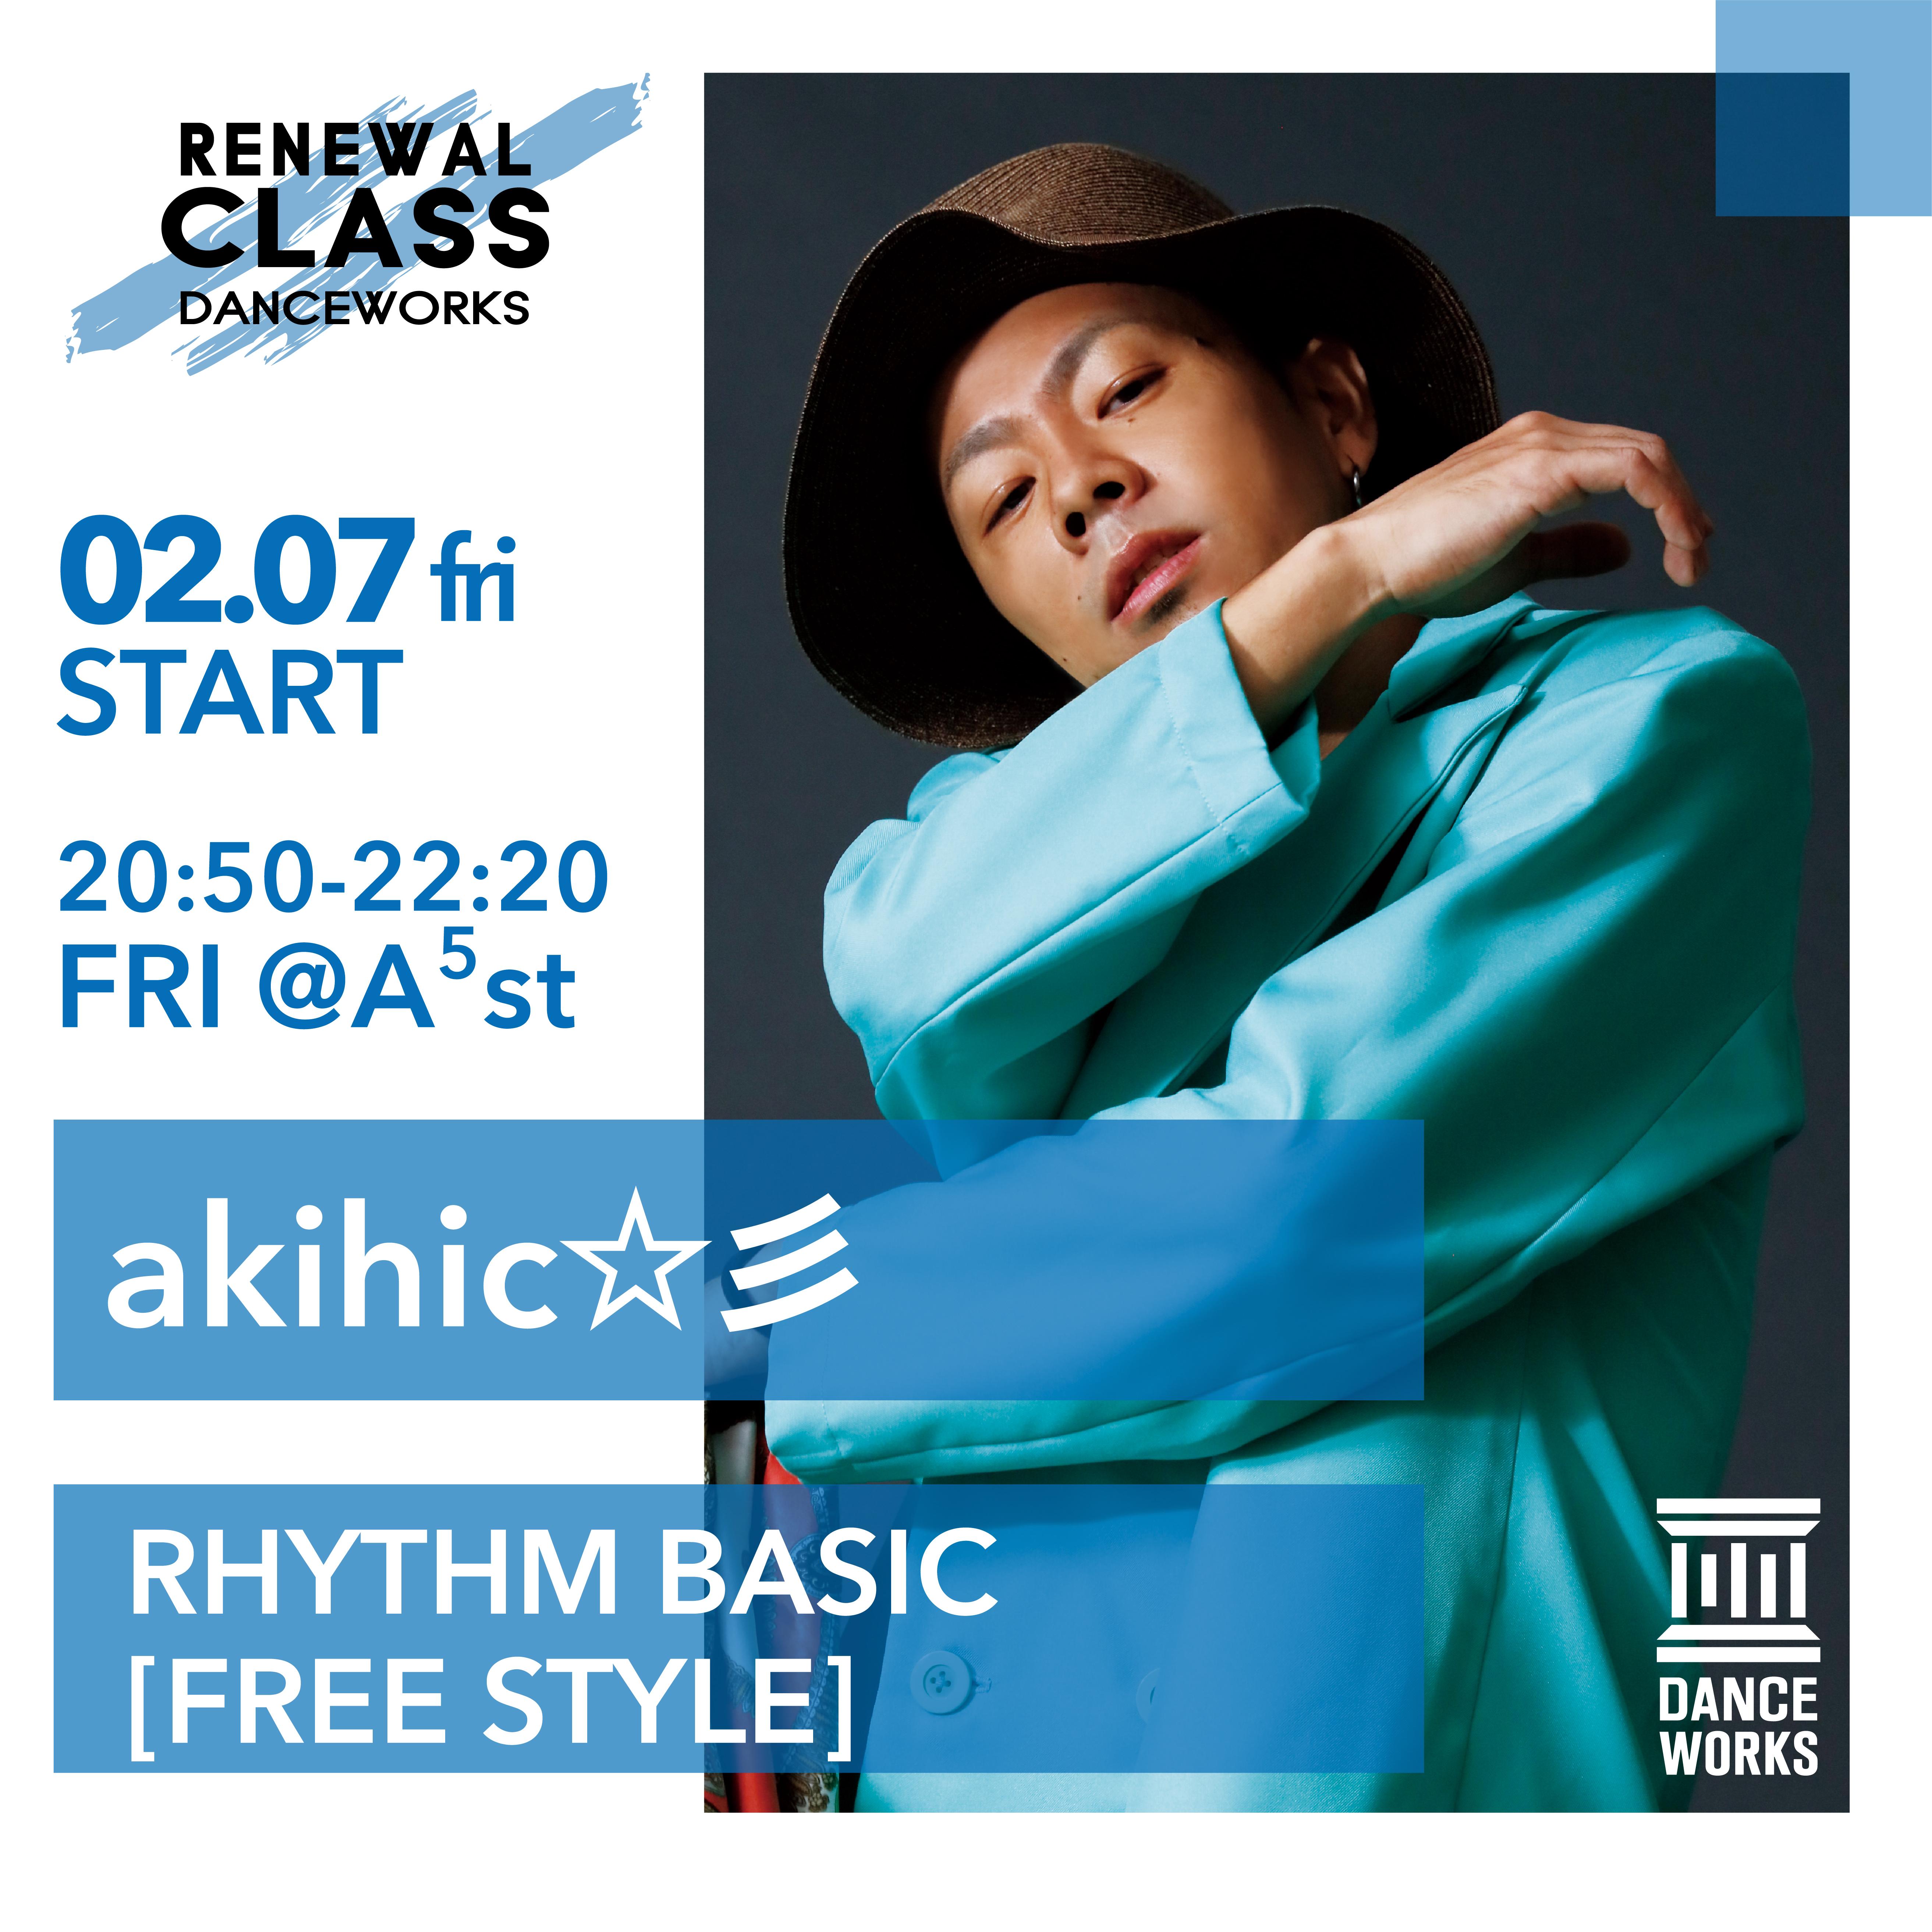 19.12_renewal_akihico-01